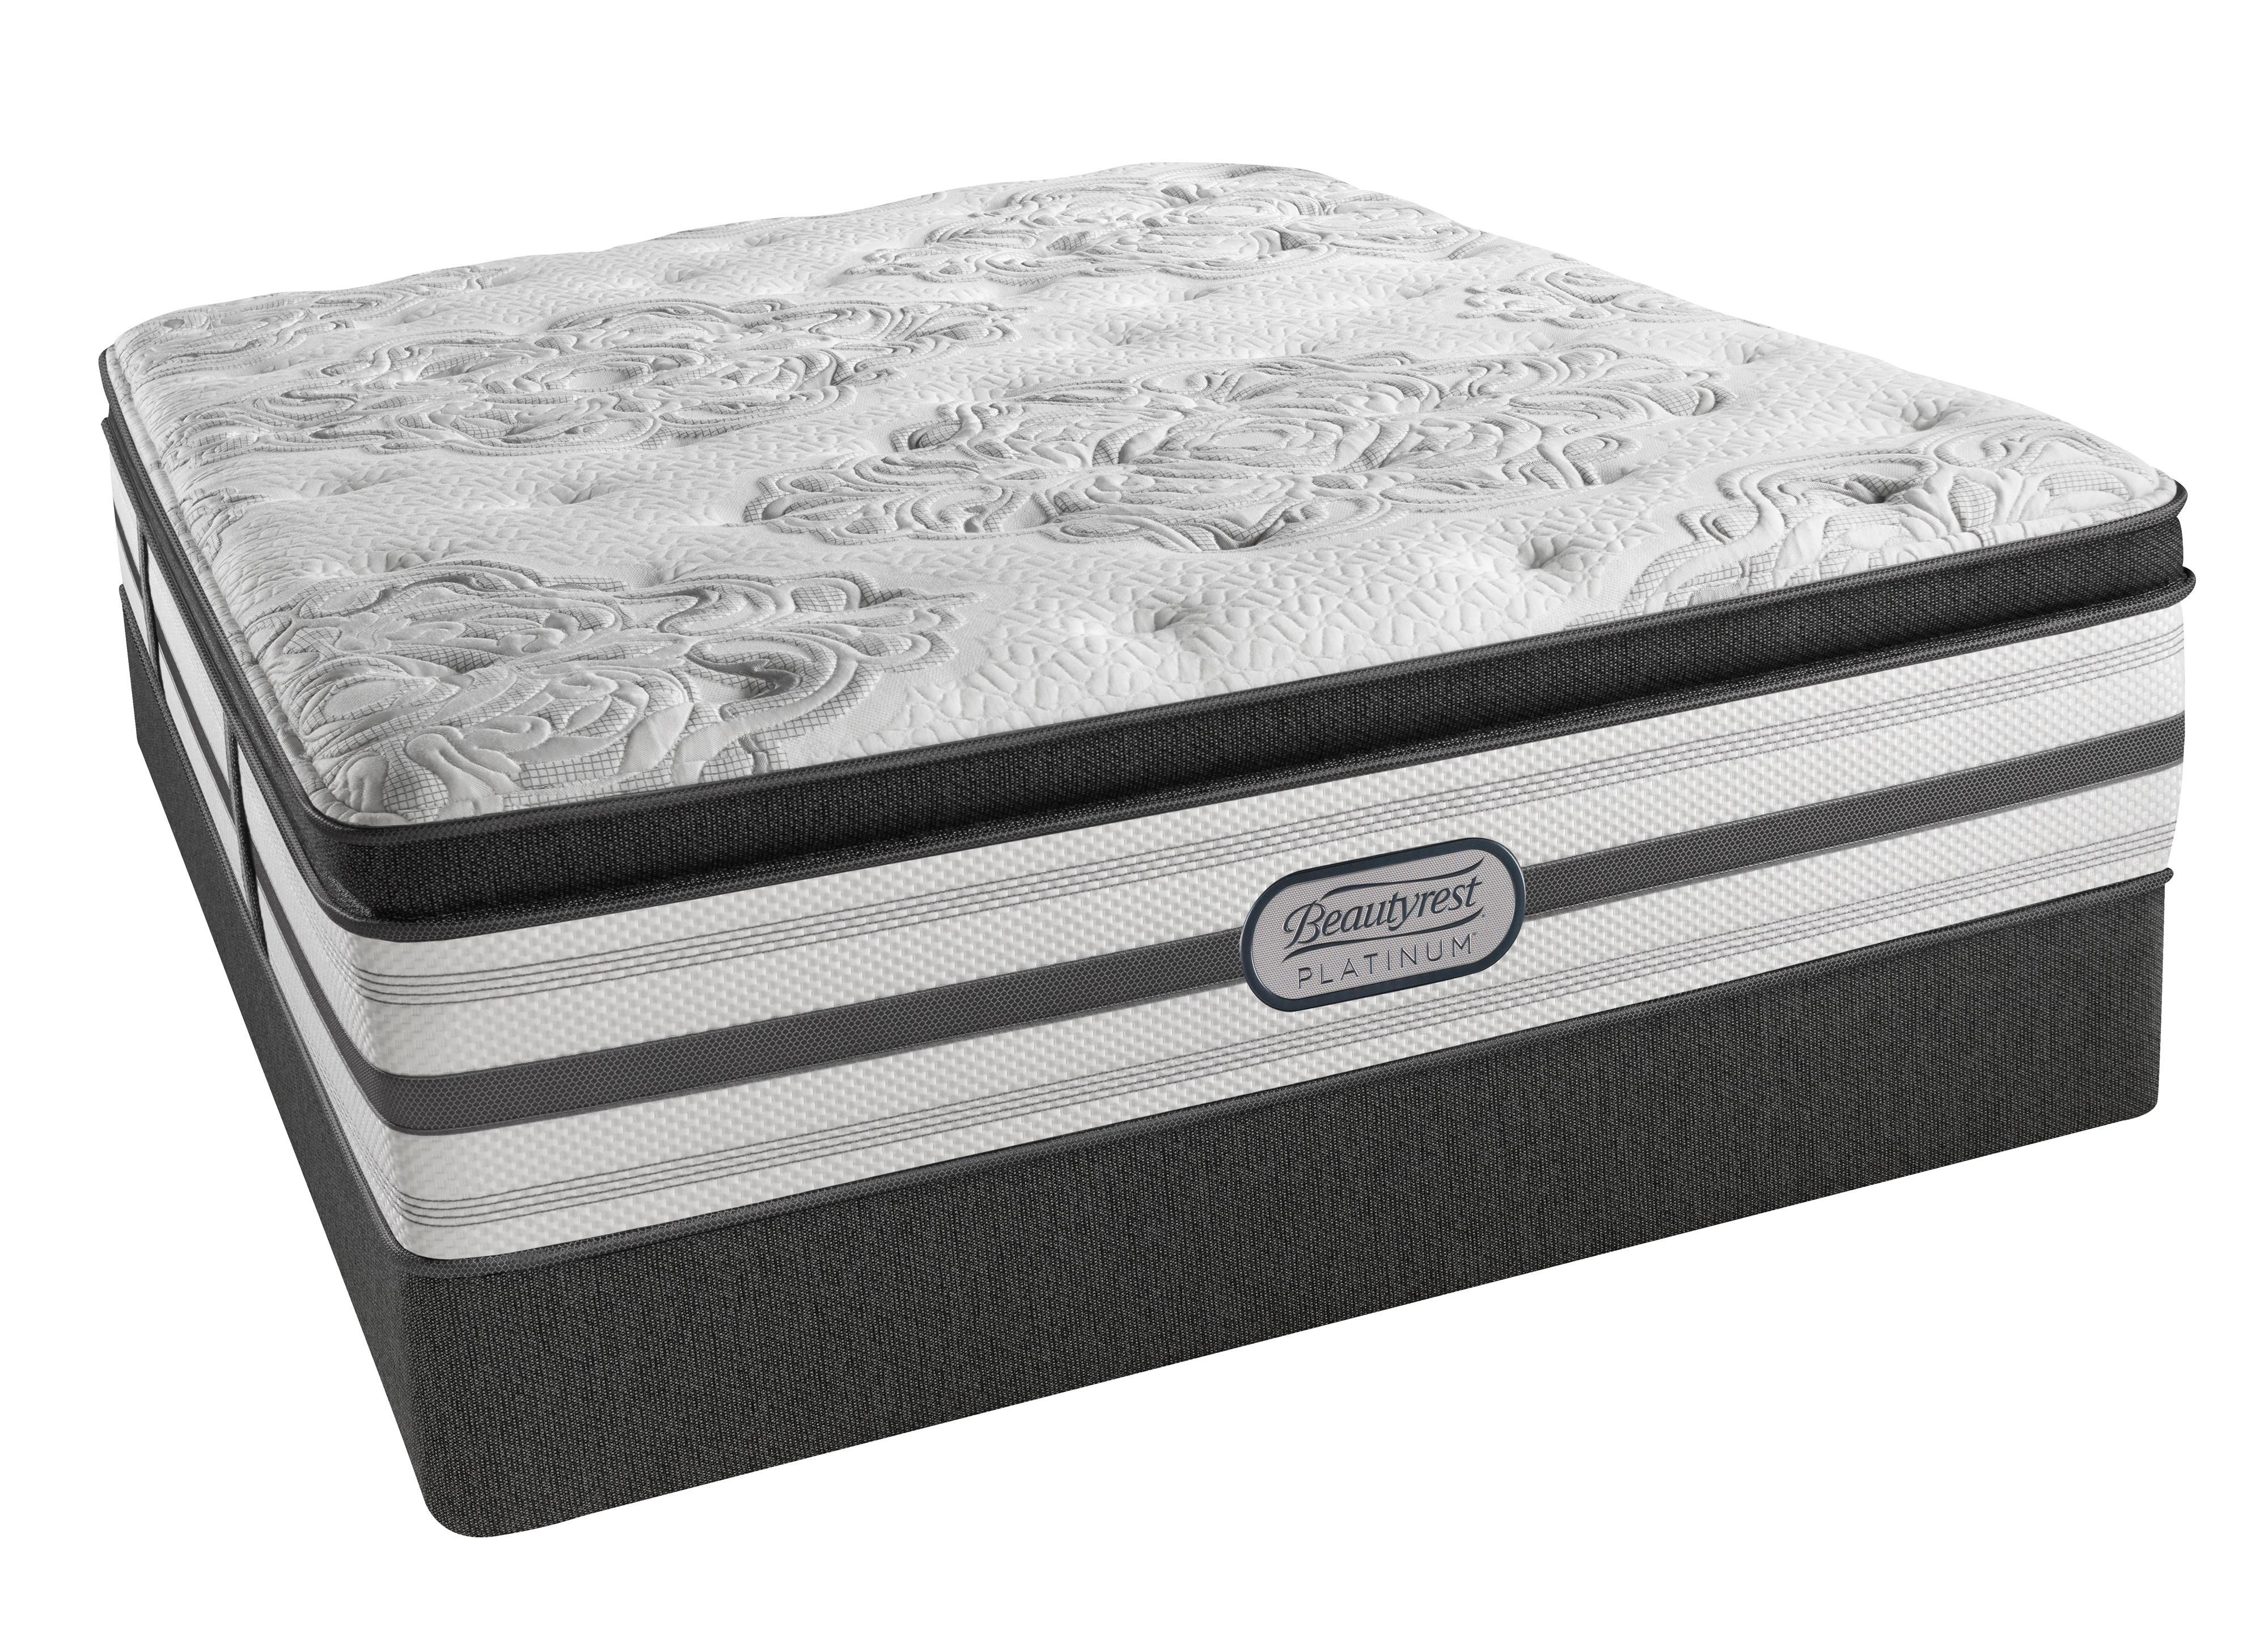 Beautyrest Platinum Gabriella Twin XL Plush Pillow Top Low Profile Set - Item Number: LV3PLPT-TXL+700150470-6020